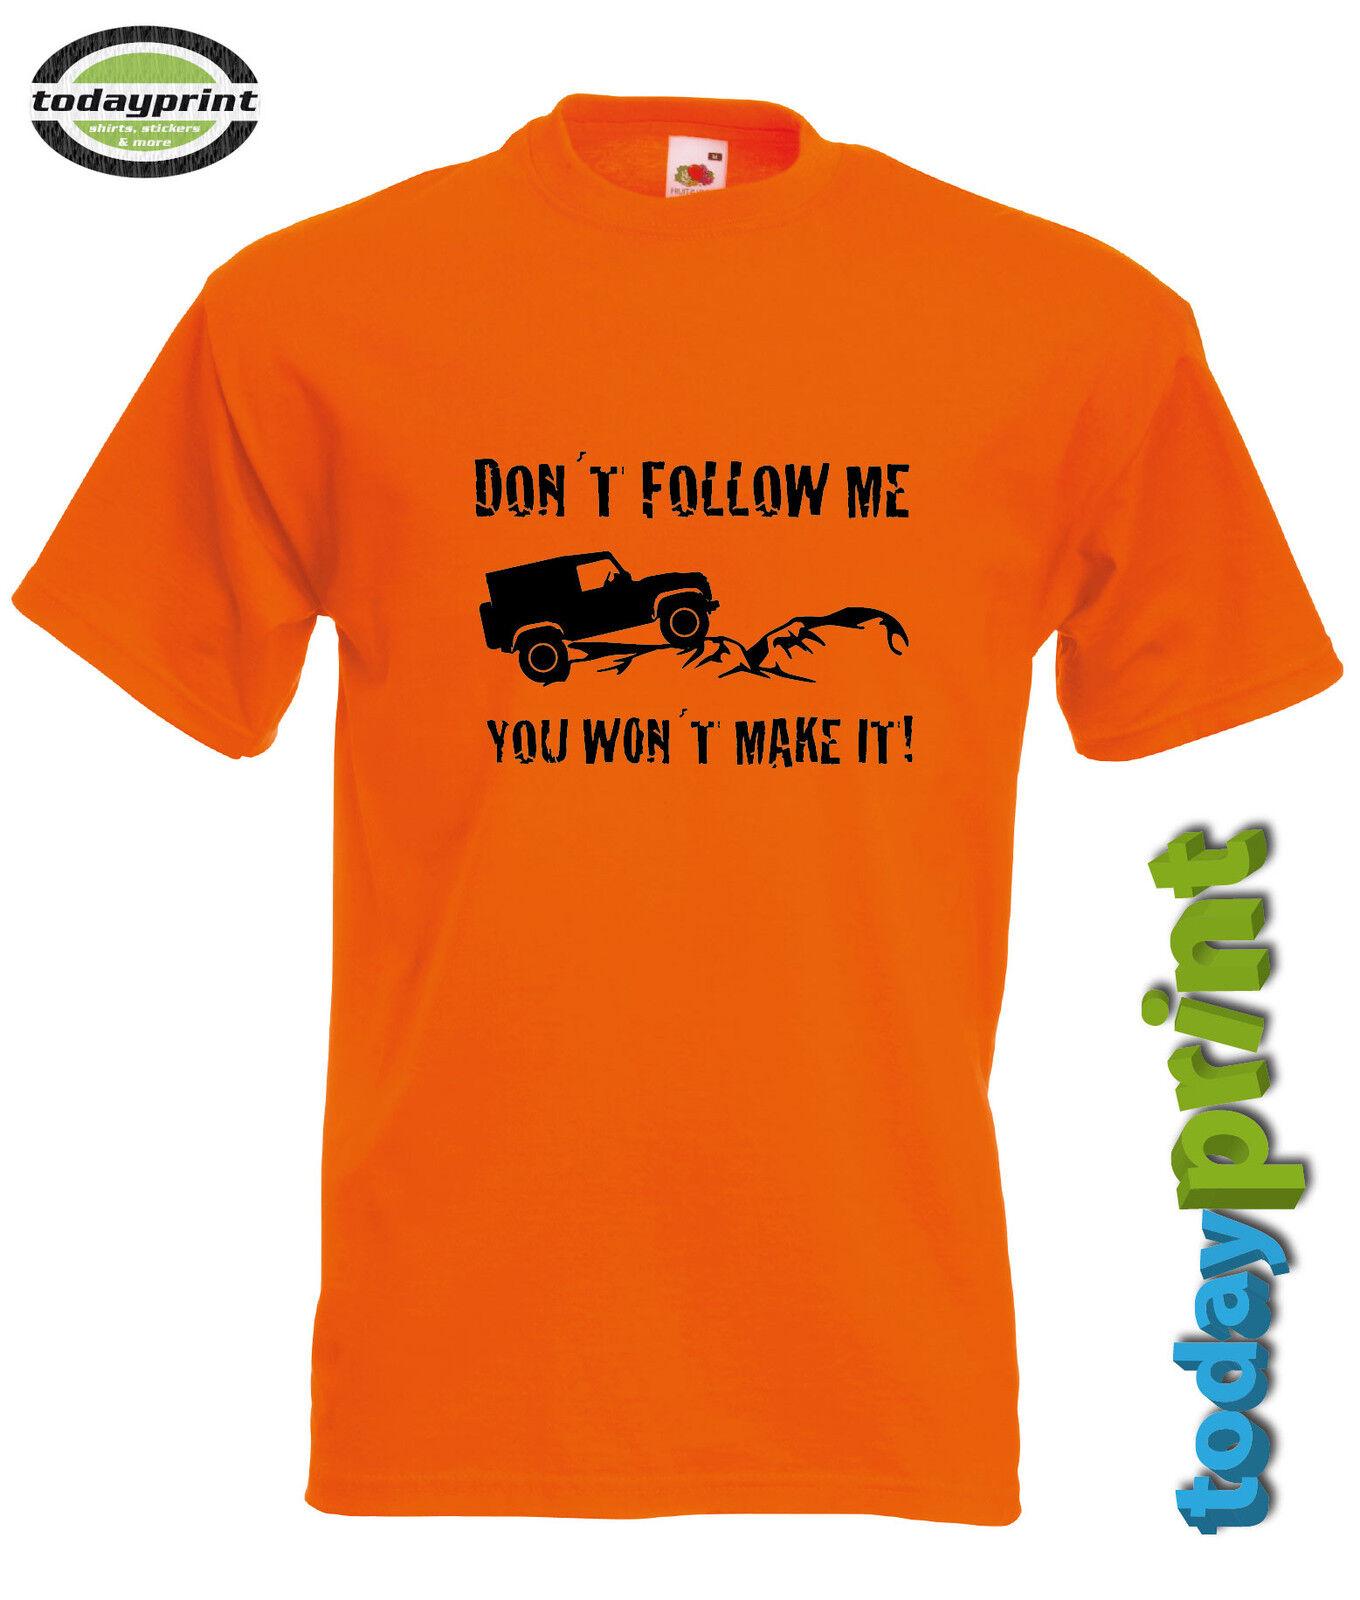 T shirt dont Follow pour me,... - pour Follow 4x4, land rover, Defender, British, Landy, fans 759a46